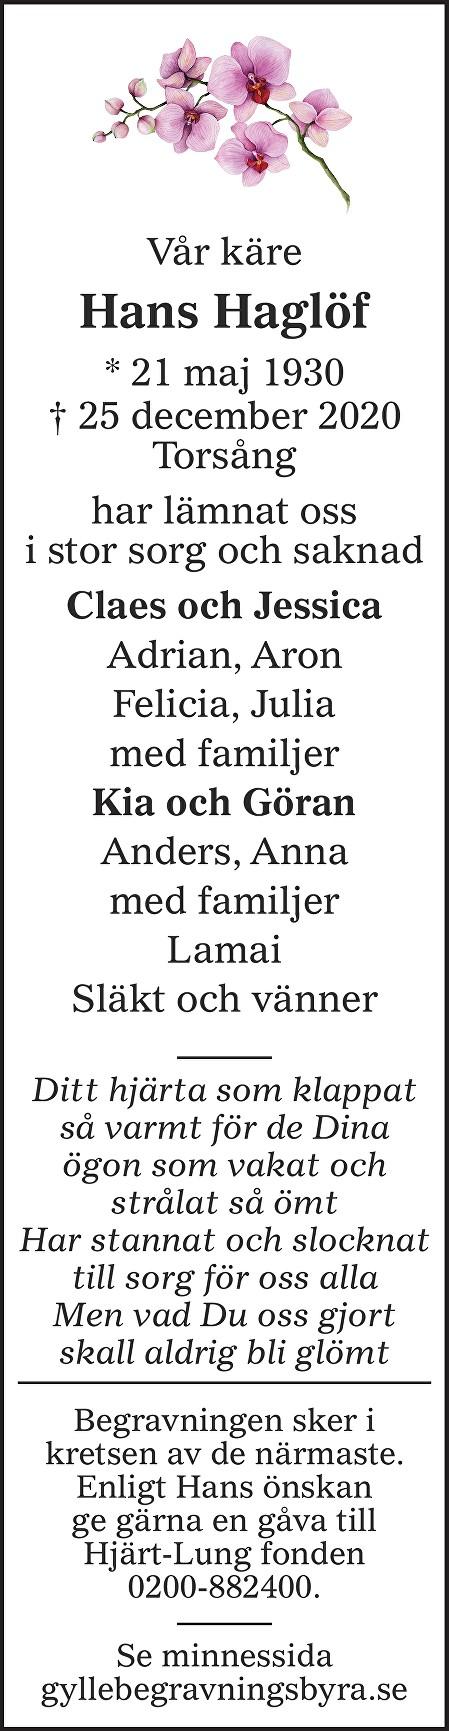 Hans Haglöf Death notice